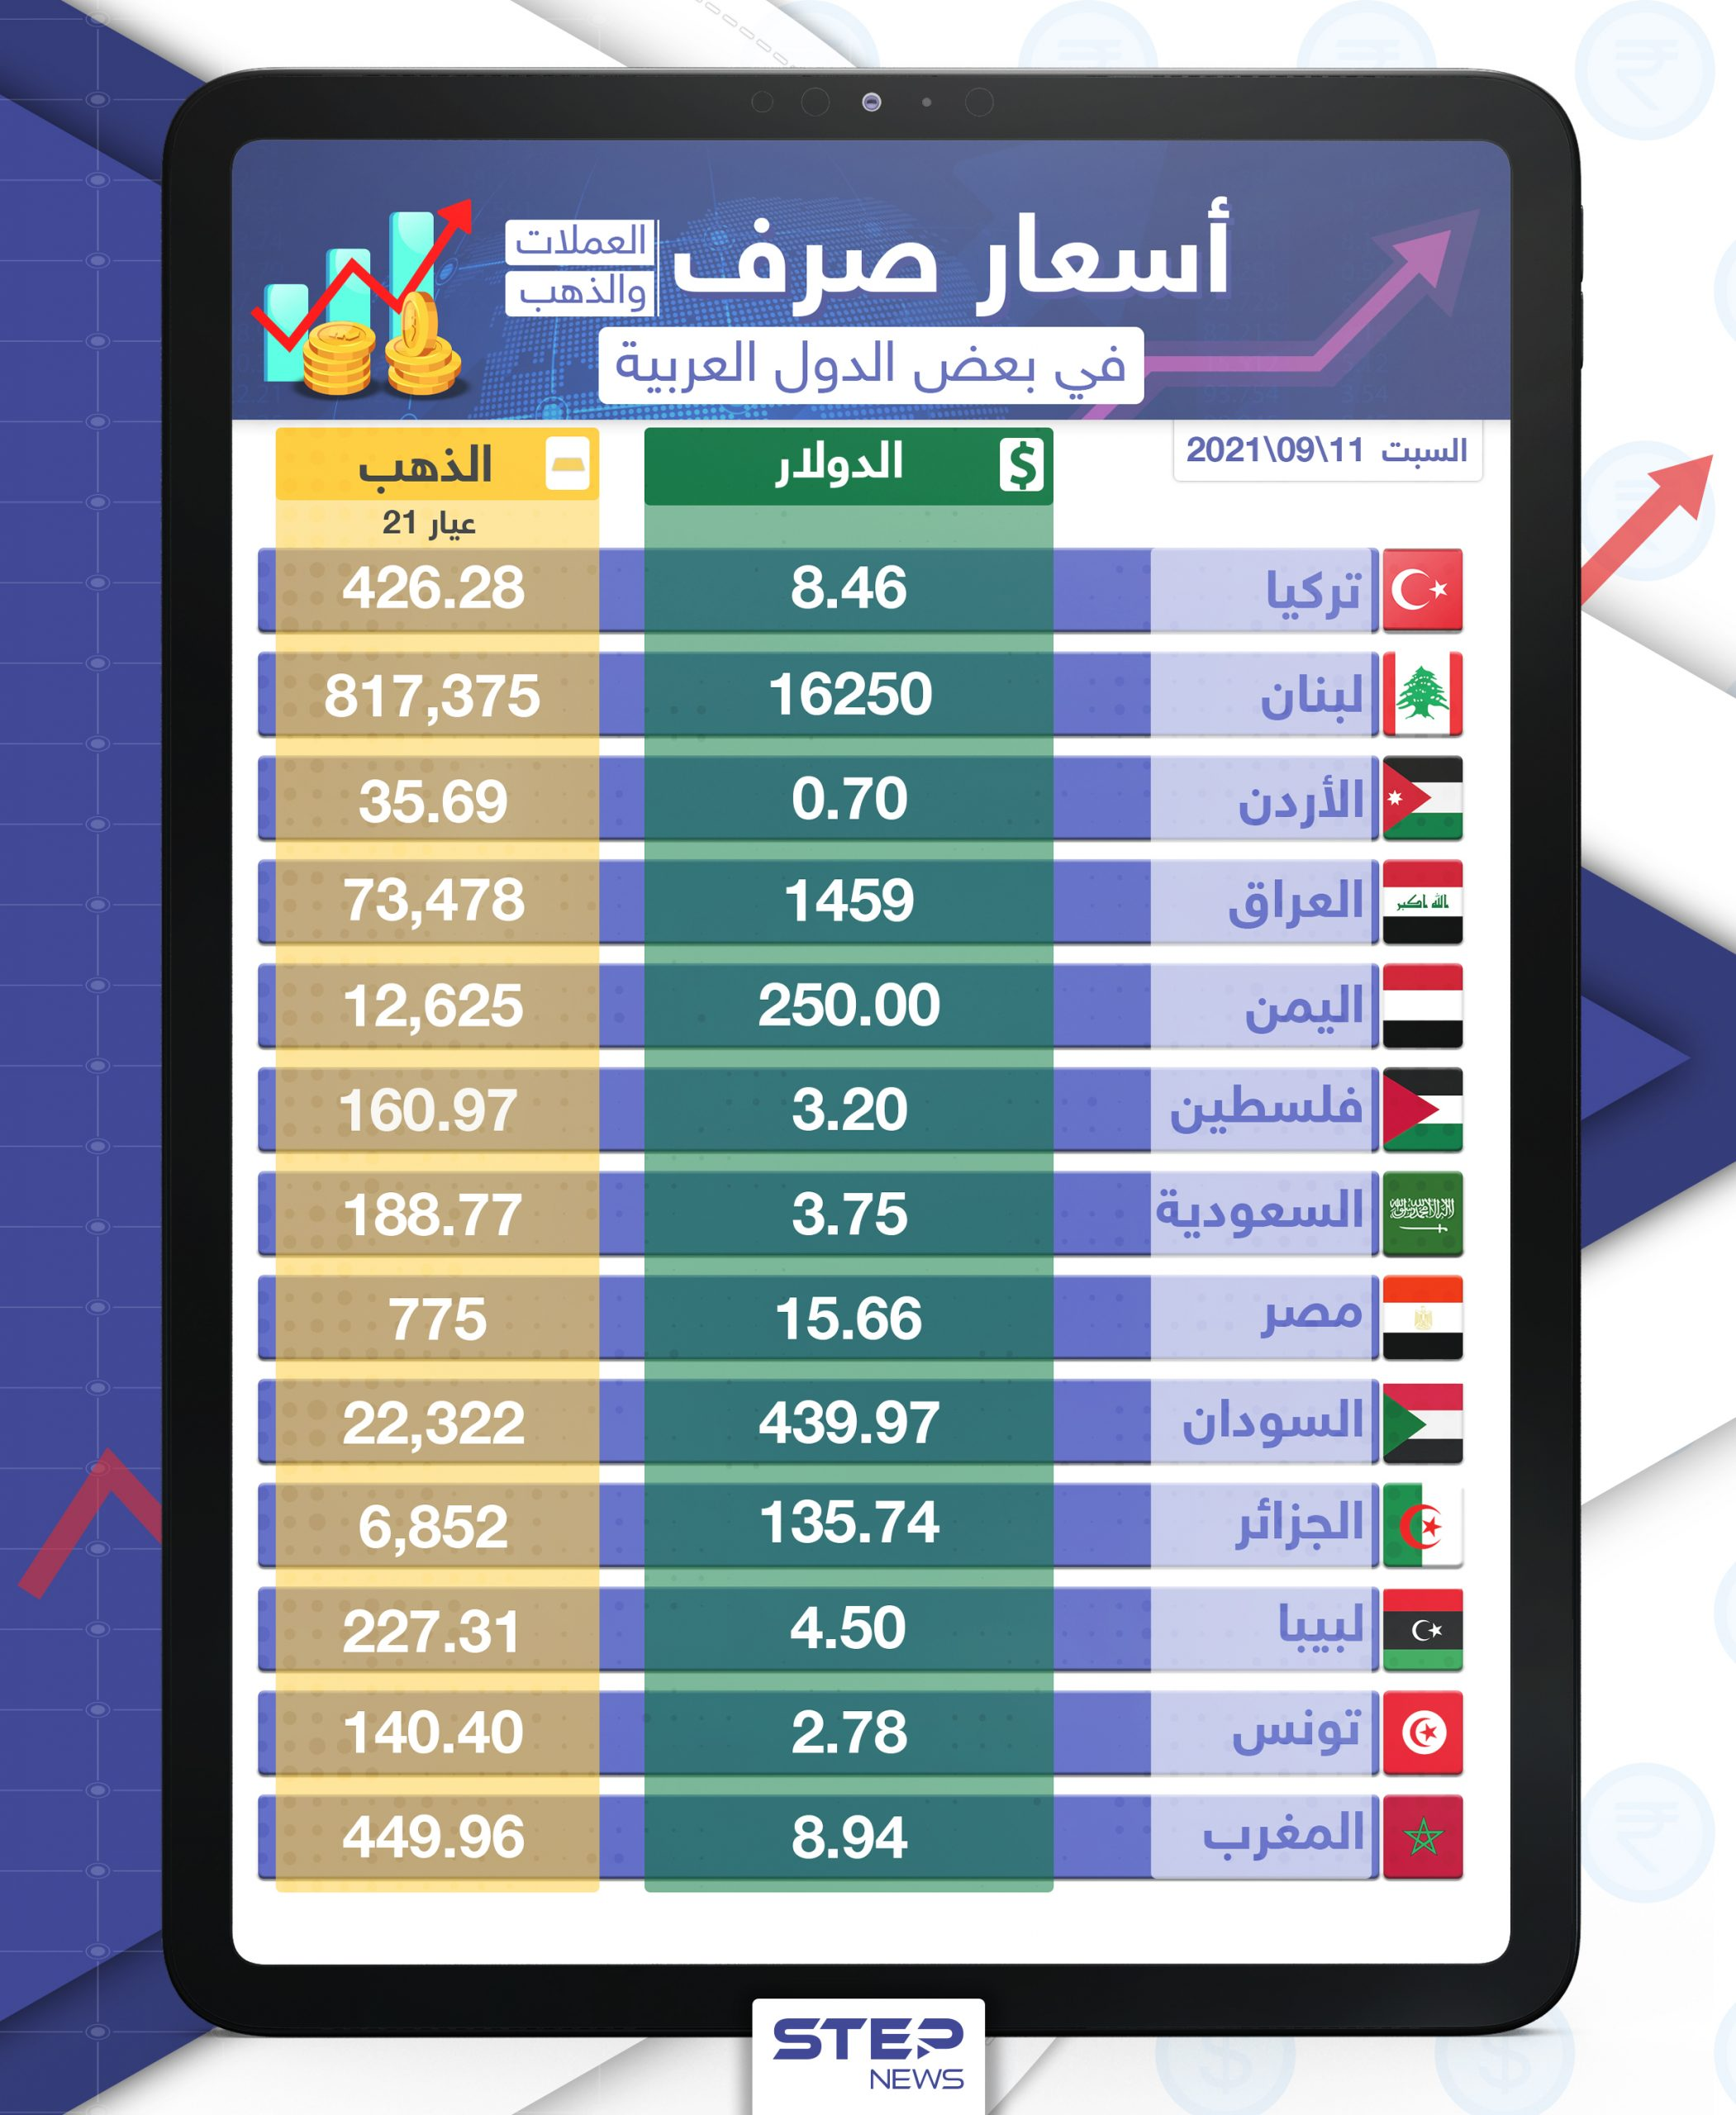 أسعار الذهب والعملات للدول العربية وتركيا اليوم السبت الموافق 11 أيلول 2021